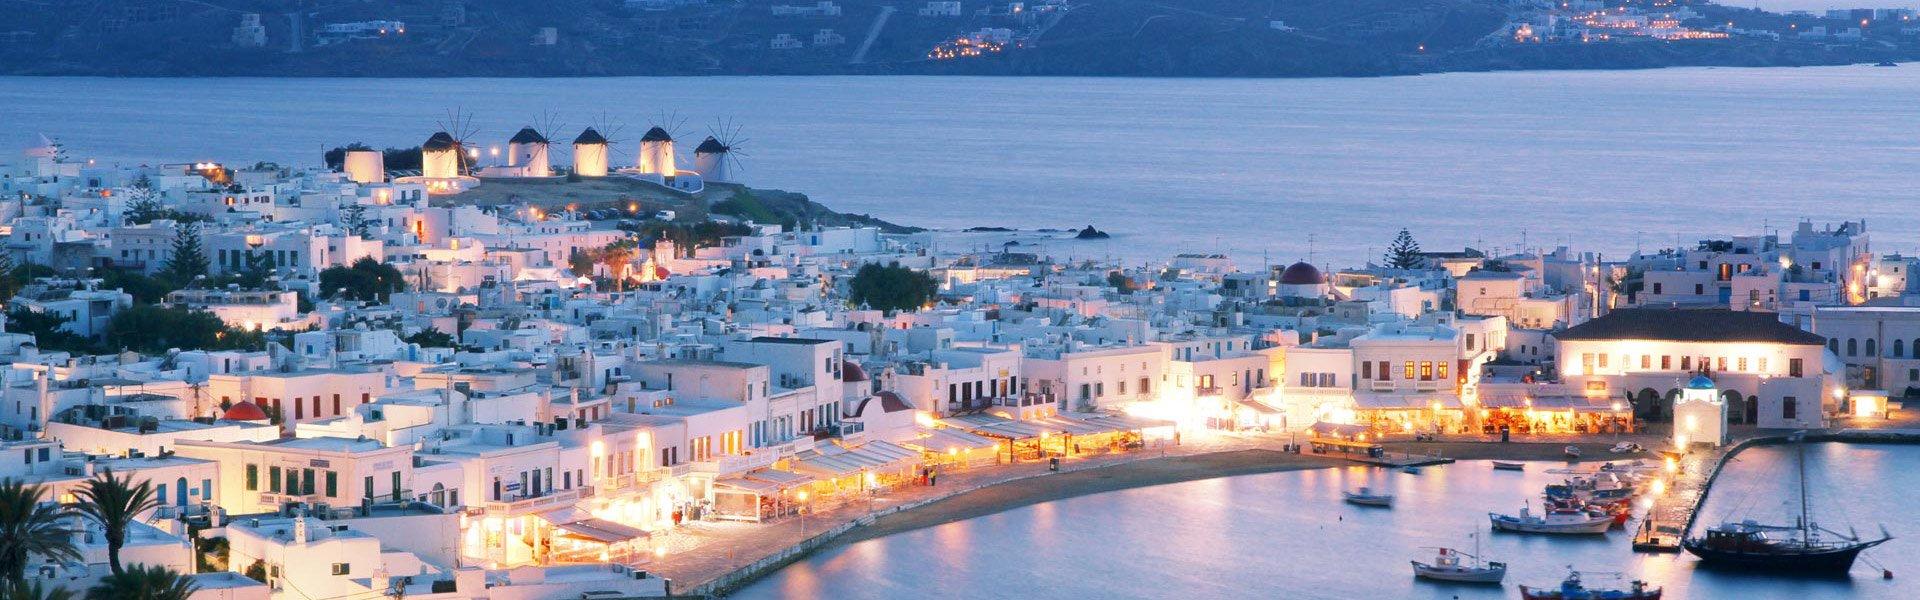 Grand Estate - Greece